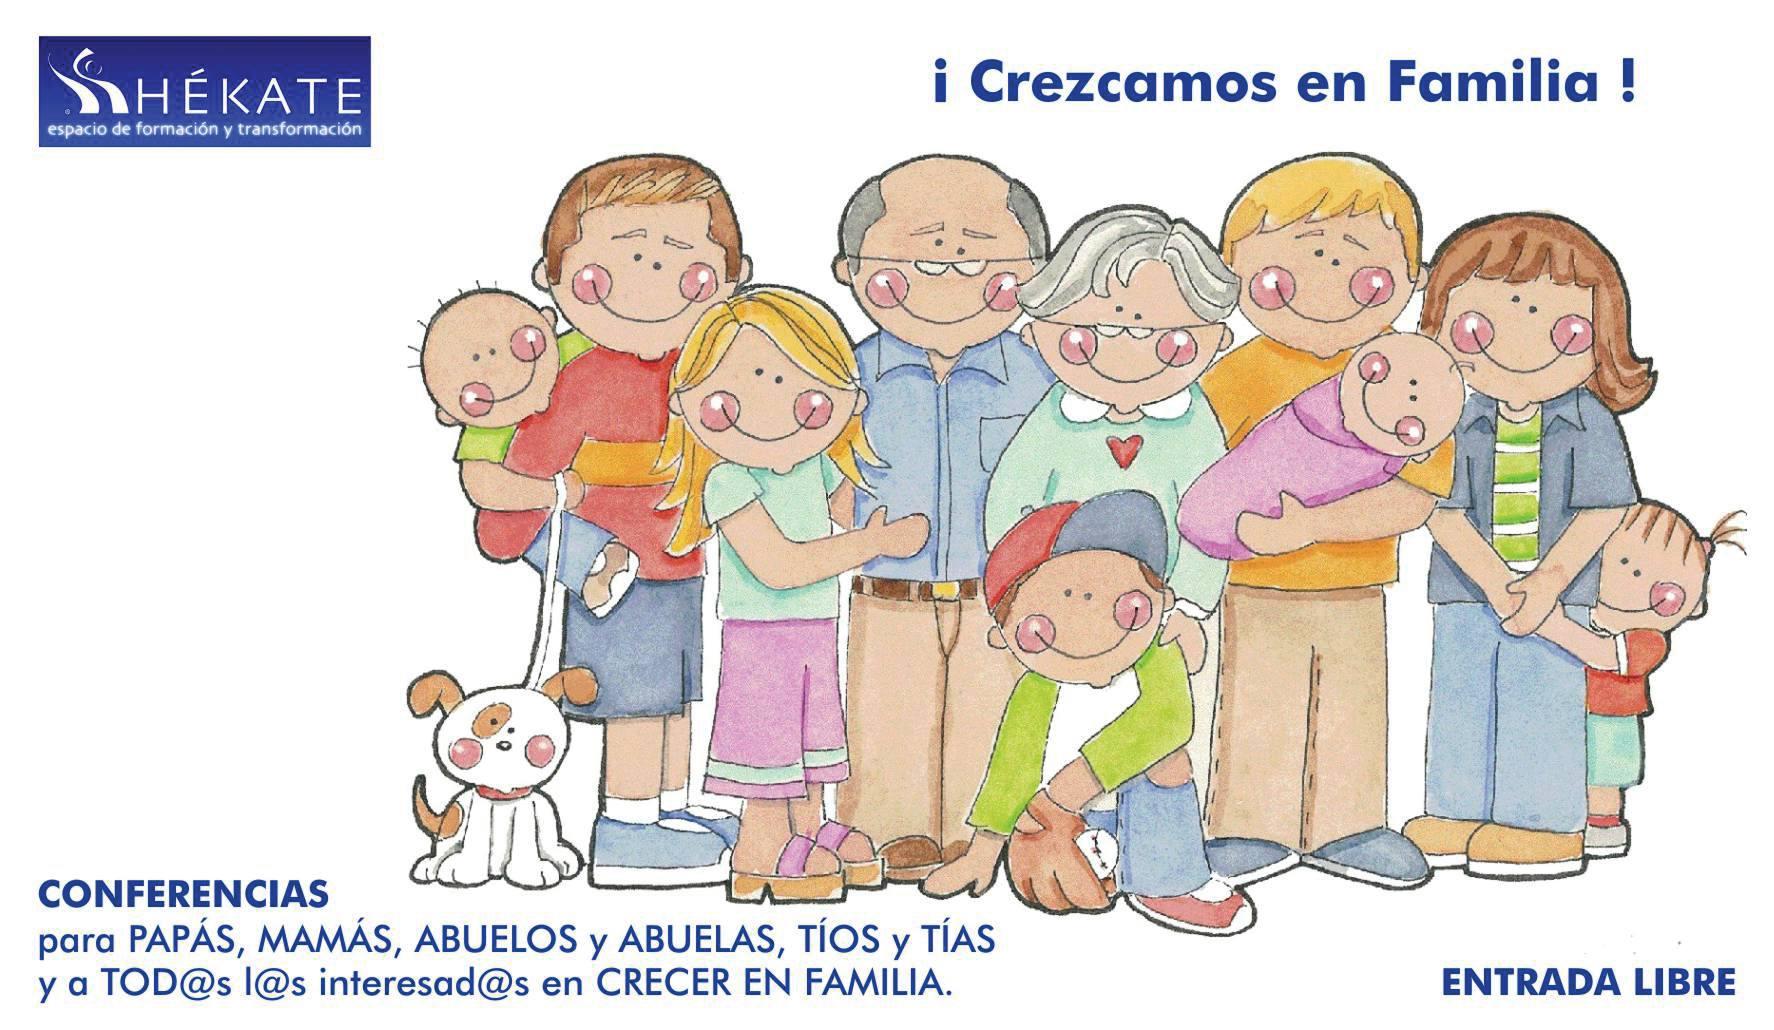 CREZCAMOS EN FAMILIA